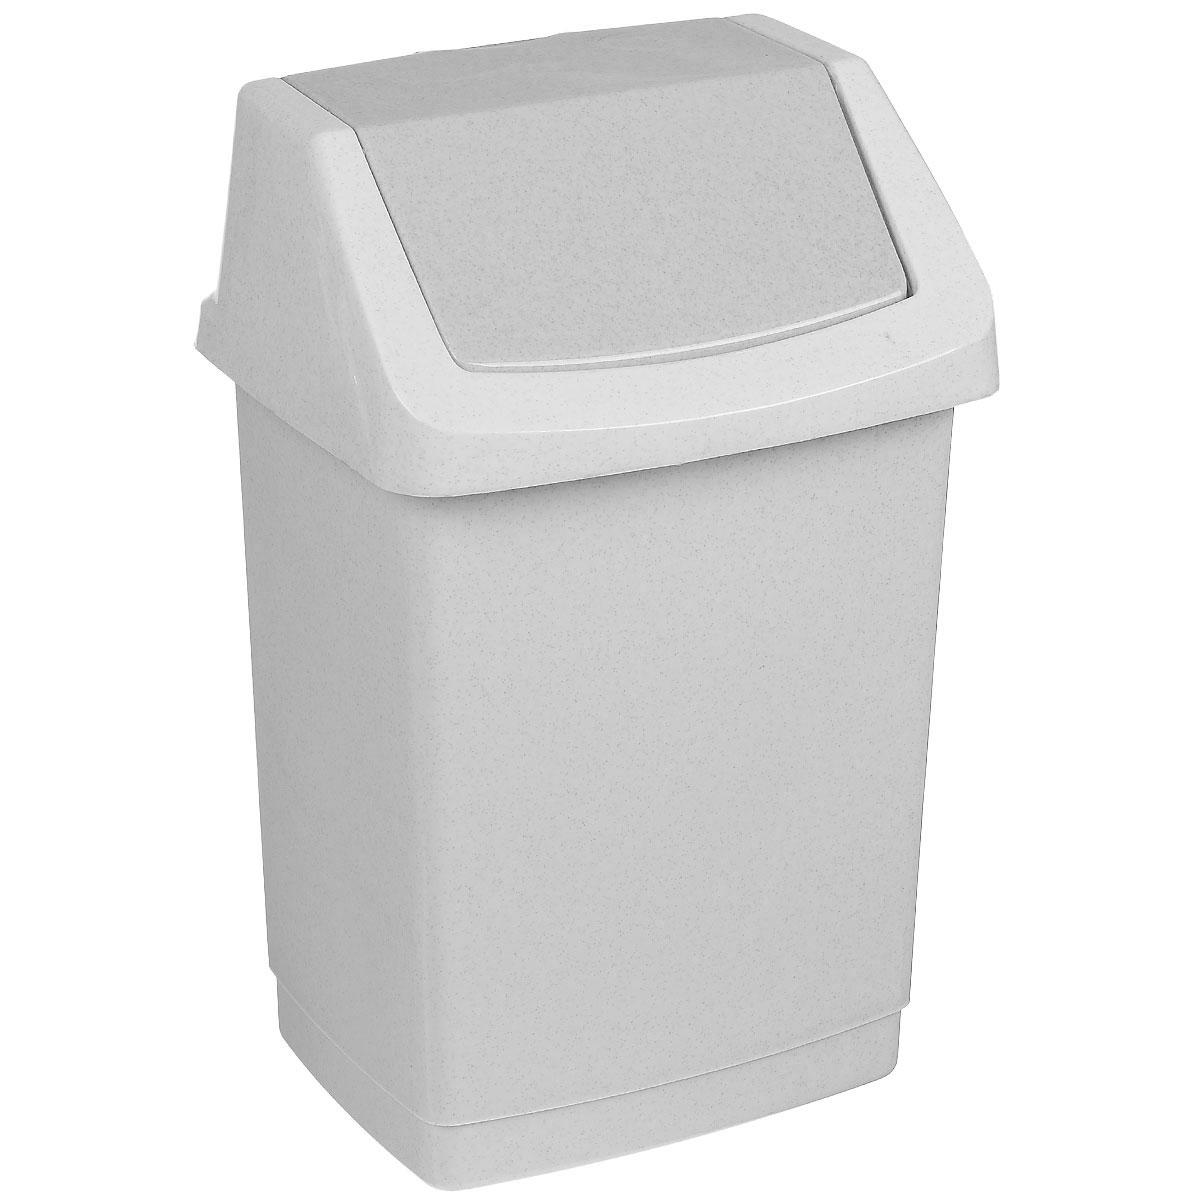 Контейнер для мусора Curver Клик-ит, цвет: серый люкс (гранит), 15 л4043_серый люкс / гранитКонтейнер для мусора Curver Клик-ит изготовлен из прочного пластика. Контейнер снабжен удобной съемной крышкой с подвижной перегородкой. В нем удобно хранить мелкий мусор. Благодаря лаконичному дизайну такой контейнер идеально впишется в интерьер и дома, и офиса.